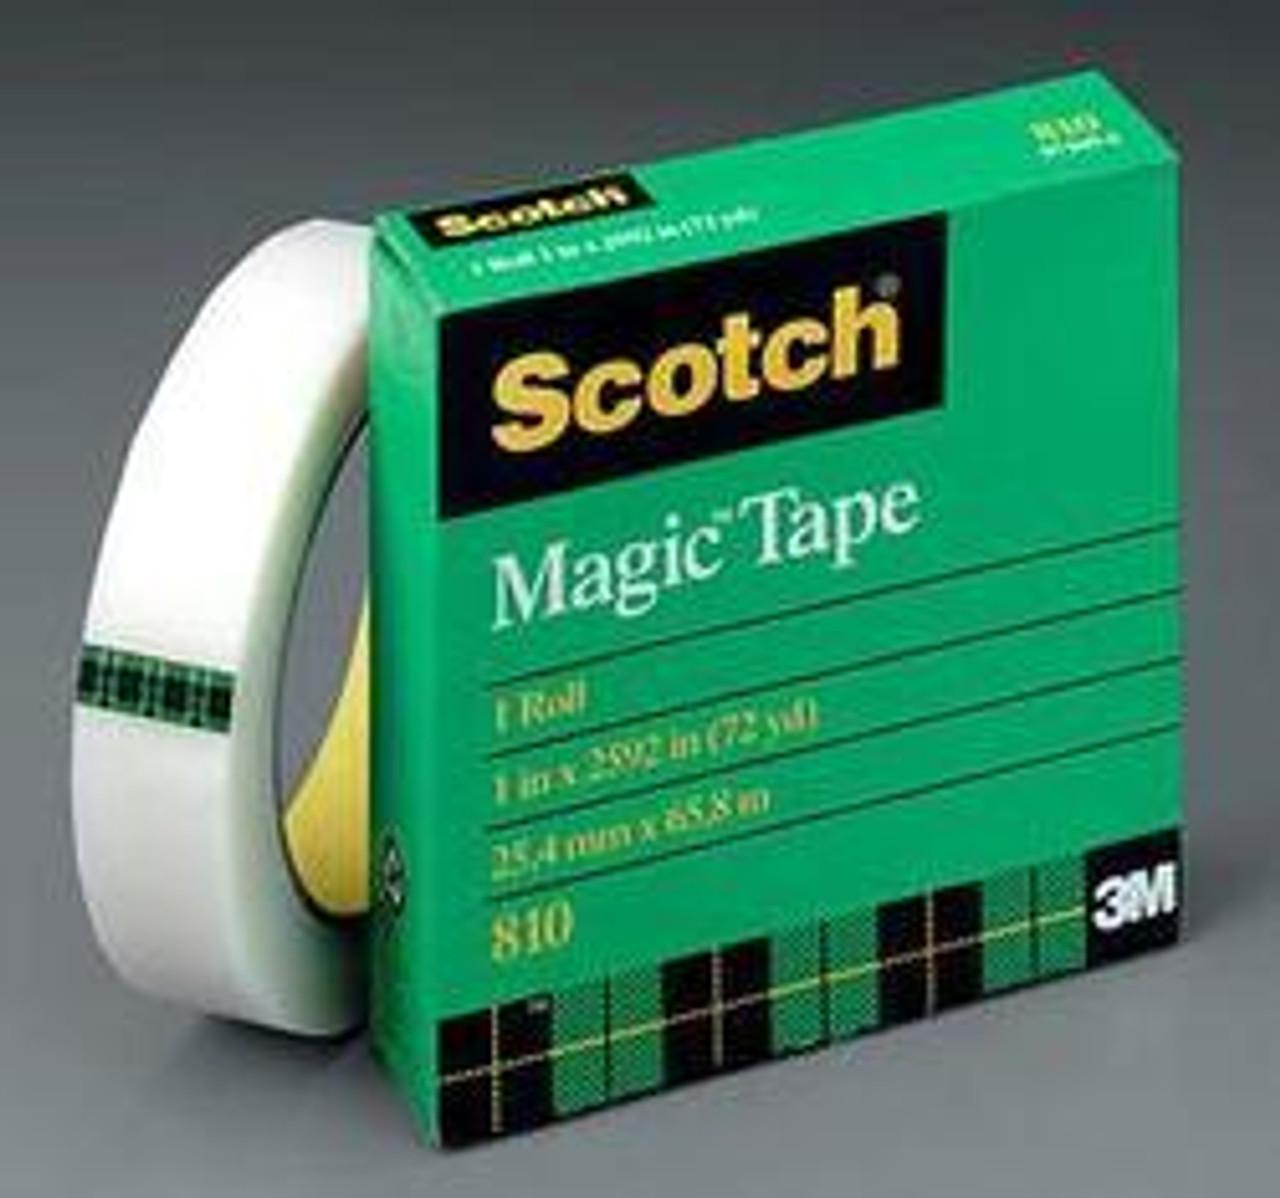 Magic Tape, 1/2 x 2592, on 3 in Core, Scotch, 3M 810